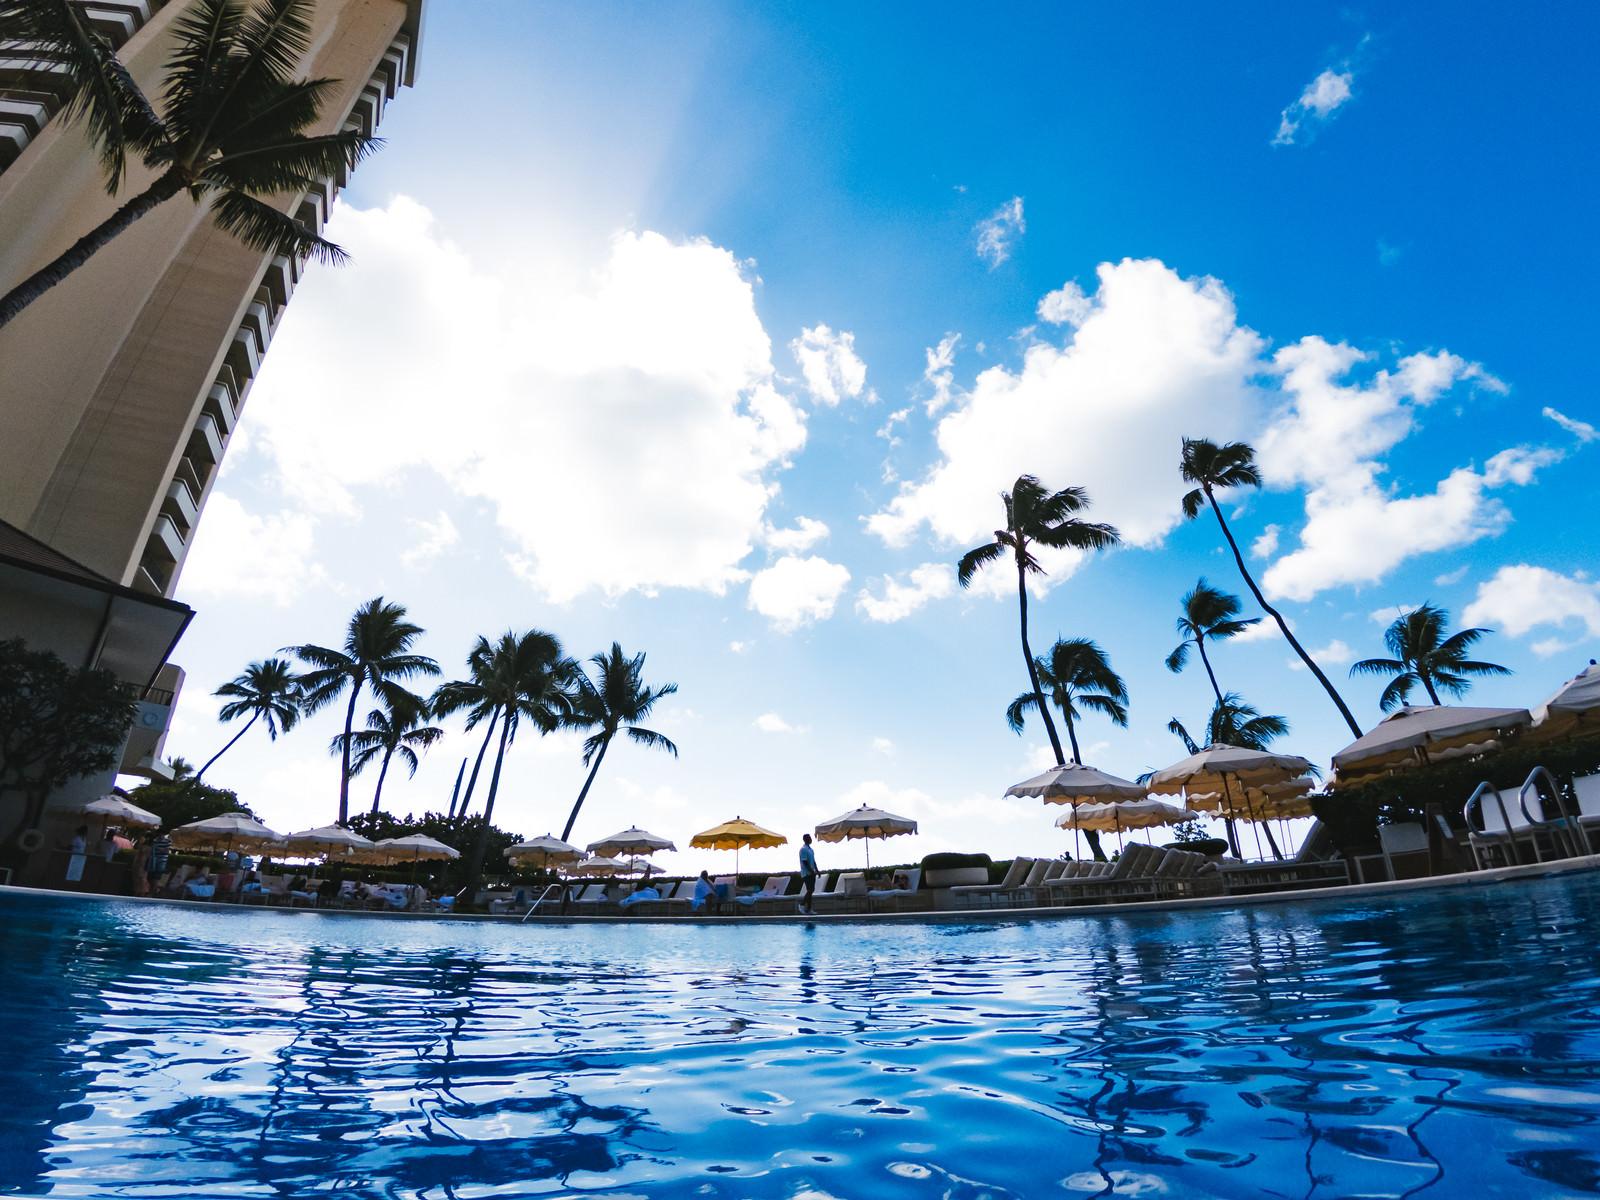 「南国のリゾートホテルのプール」の写真